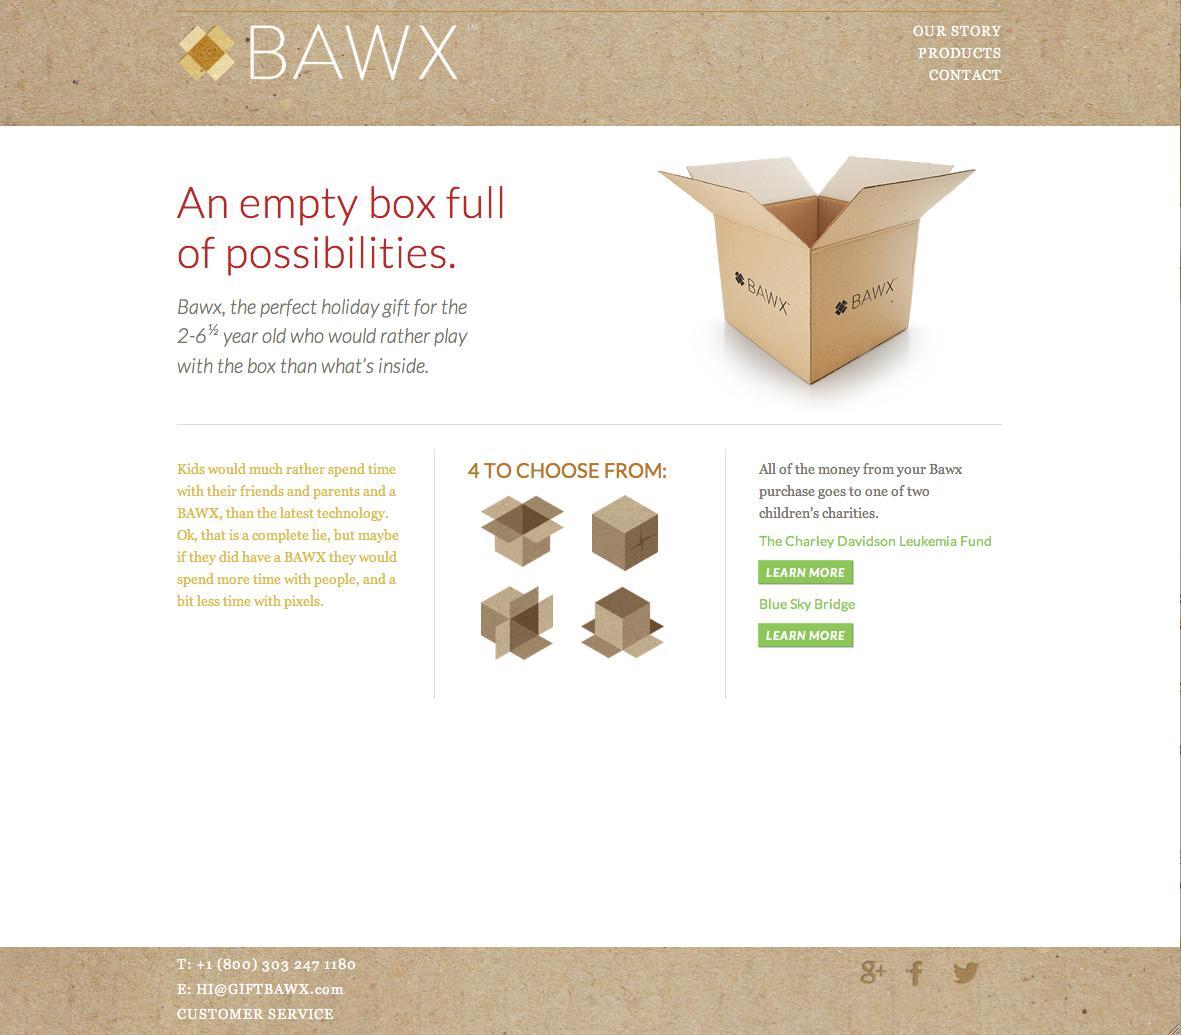 BAWX Digital Ad -  An empty box full of possibilities